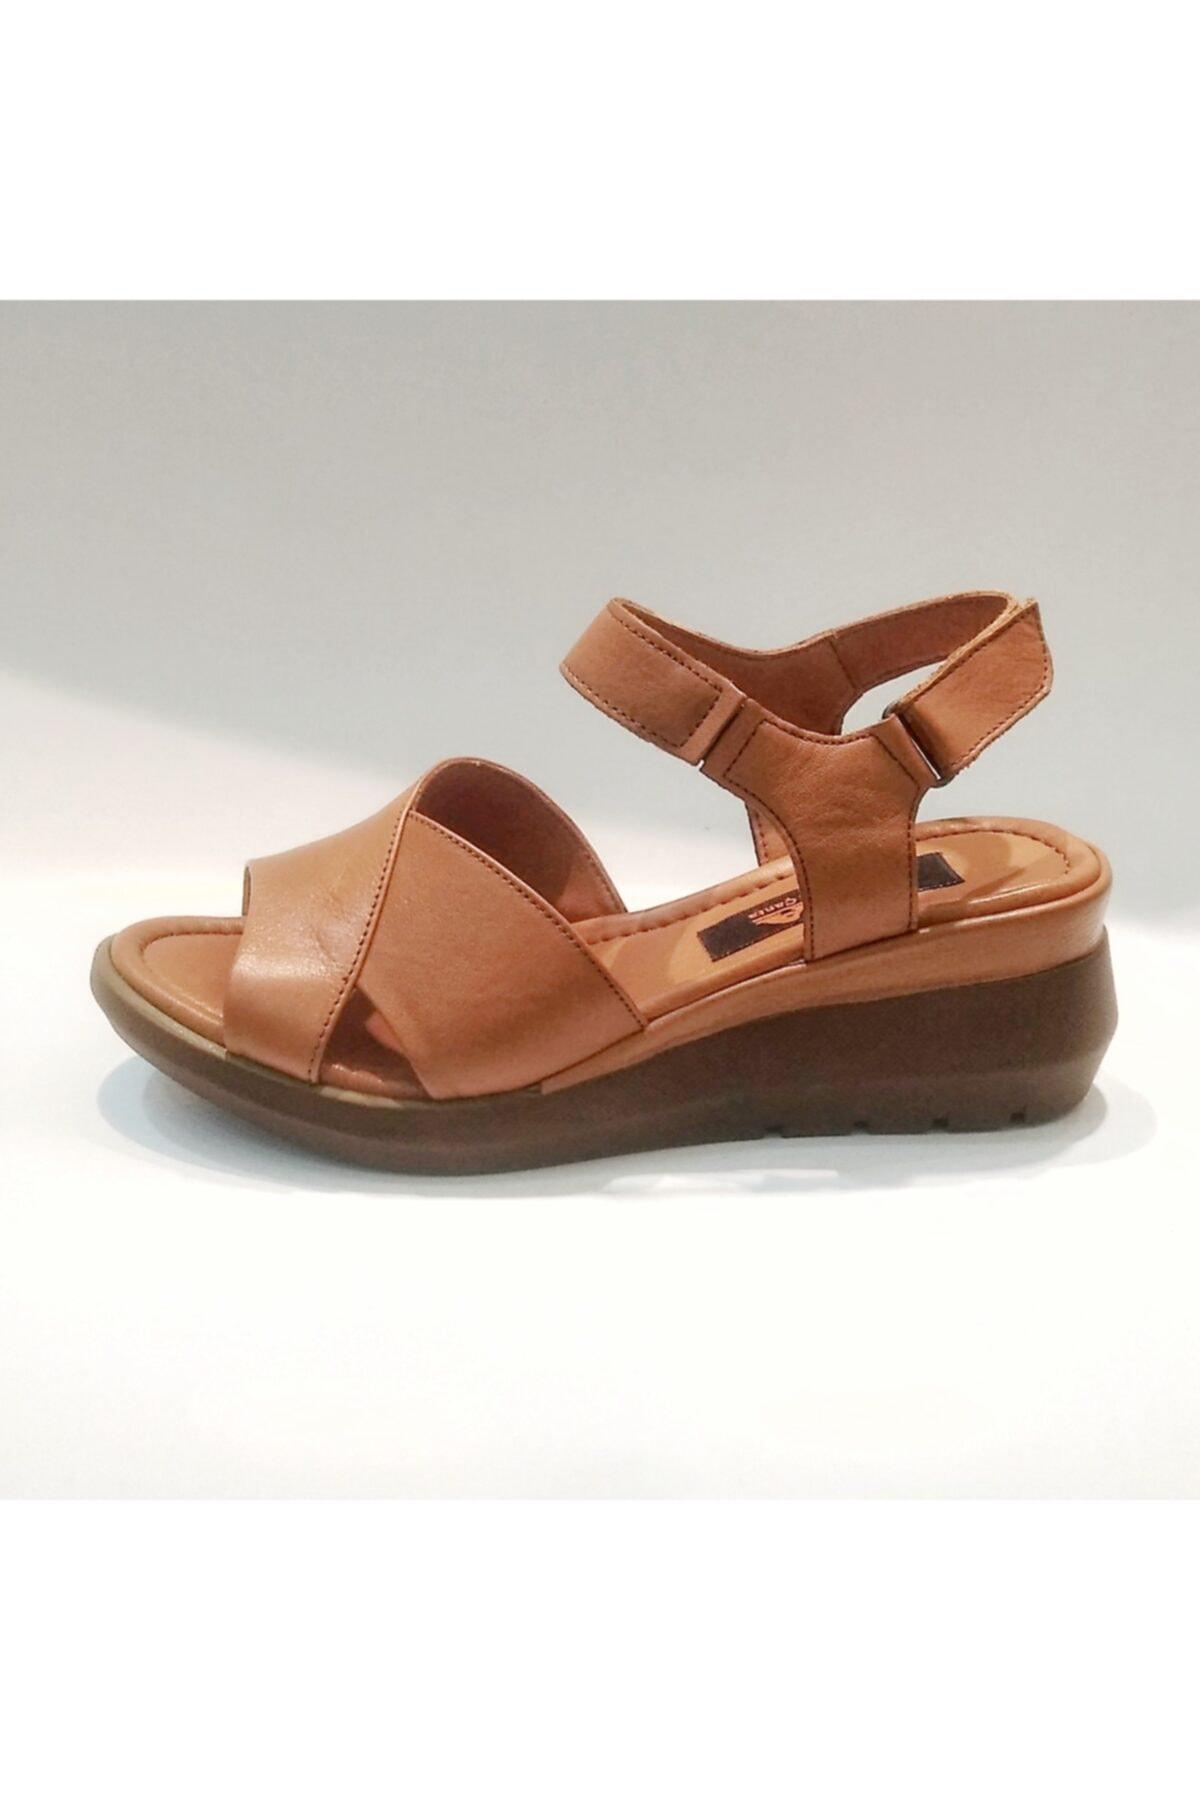 Stella Kadın  Hakiki Deri Sandalet 2